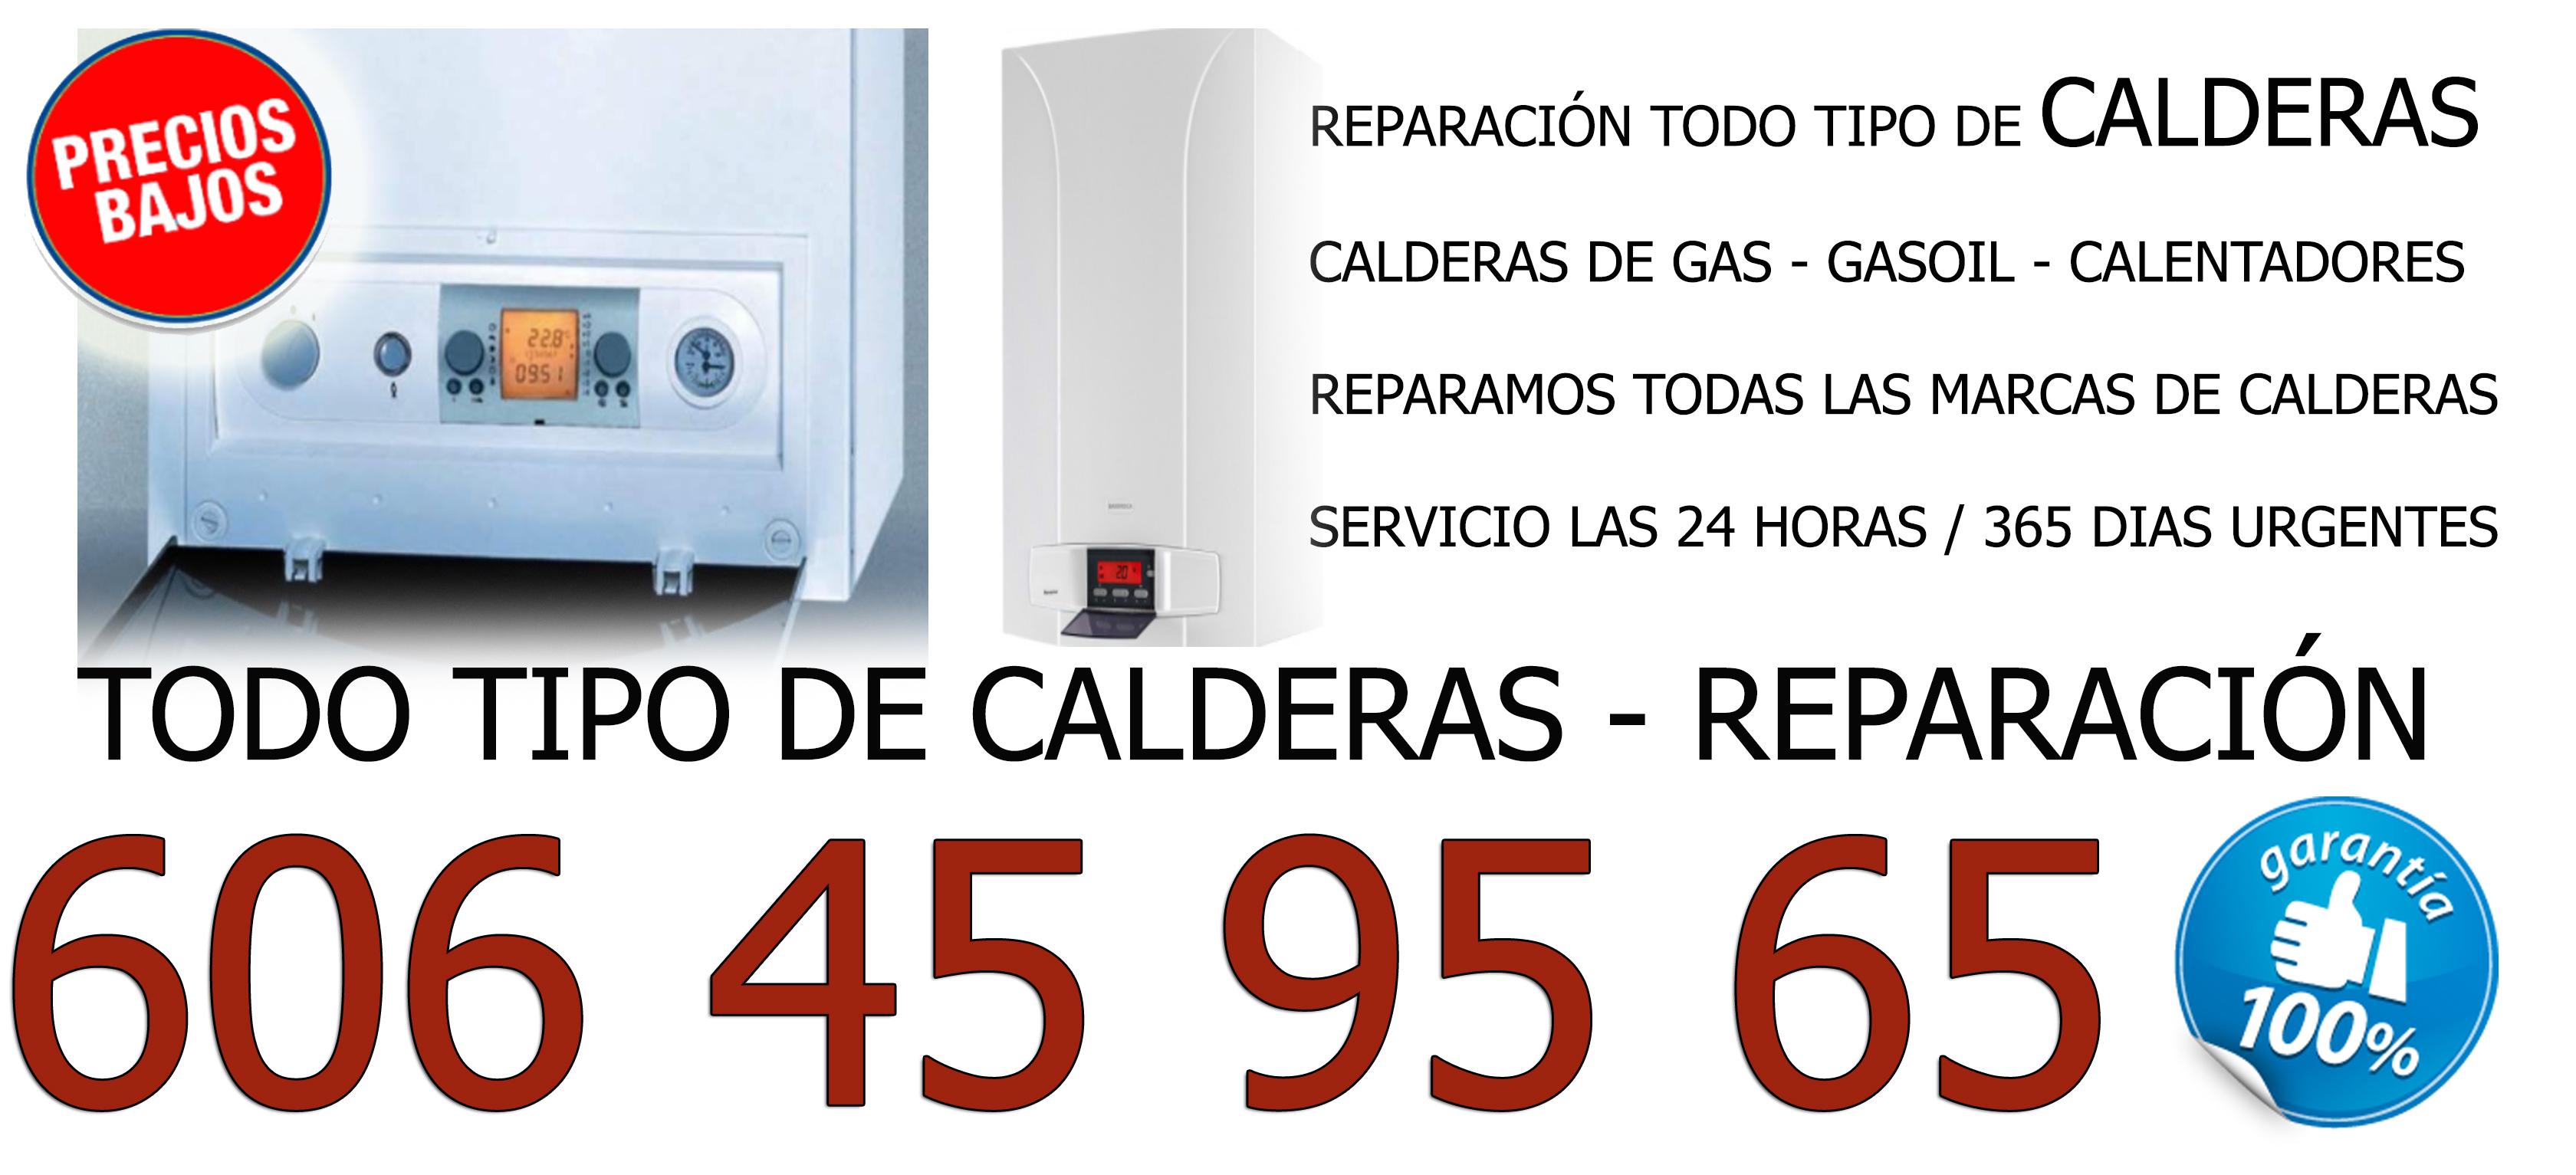 Reparaciones de Calderas 08011